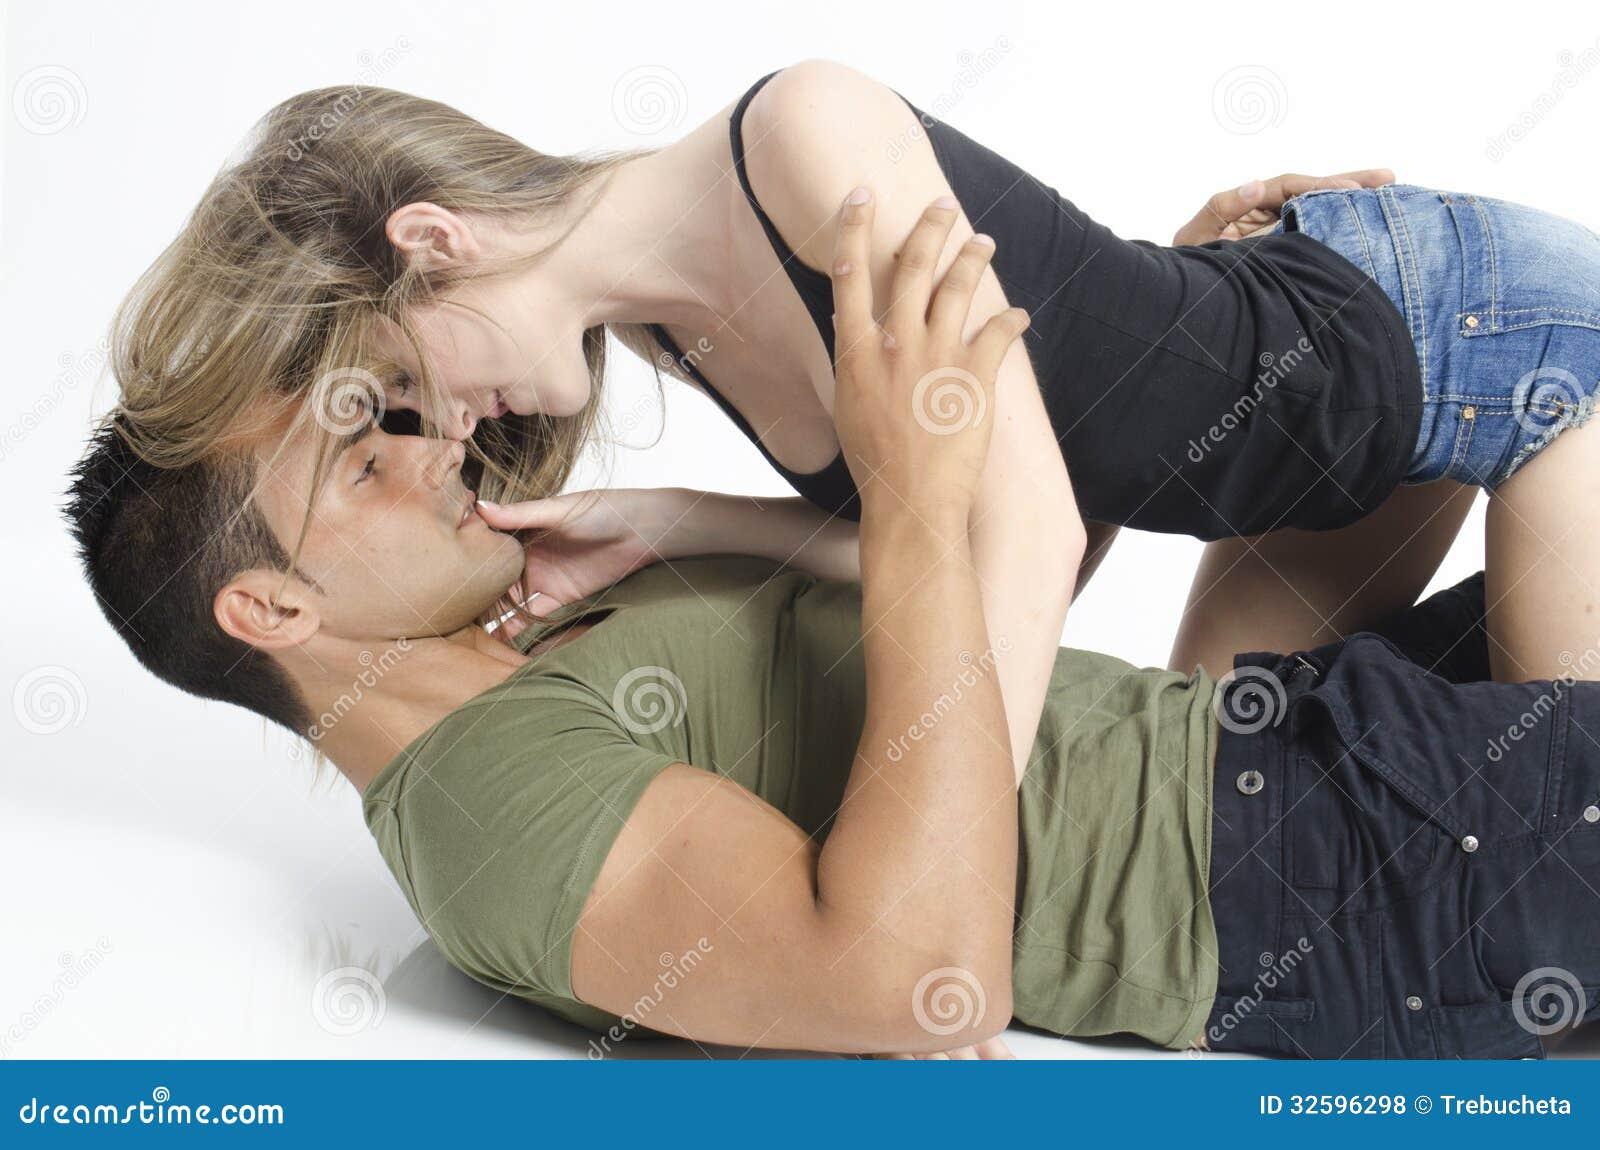 У парня не встал на девушку, Если у парня не встал, что думает девушка? 27 фотография